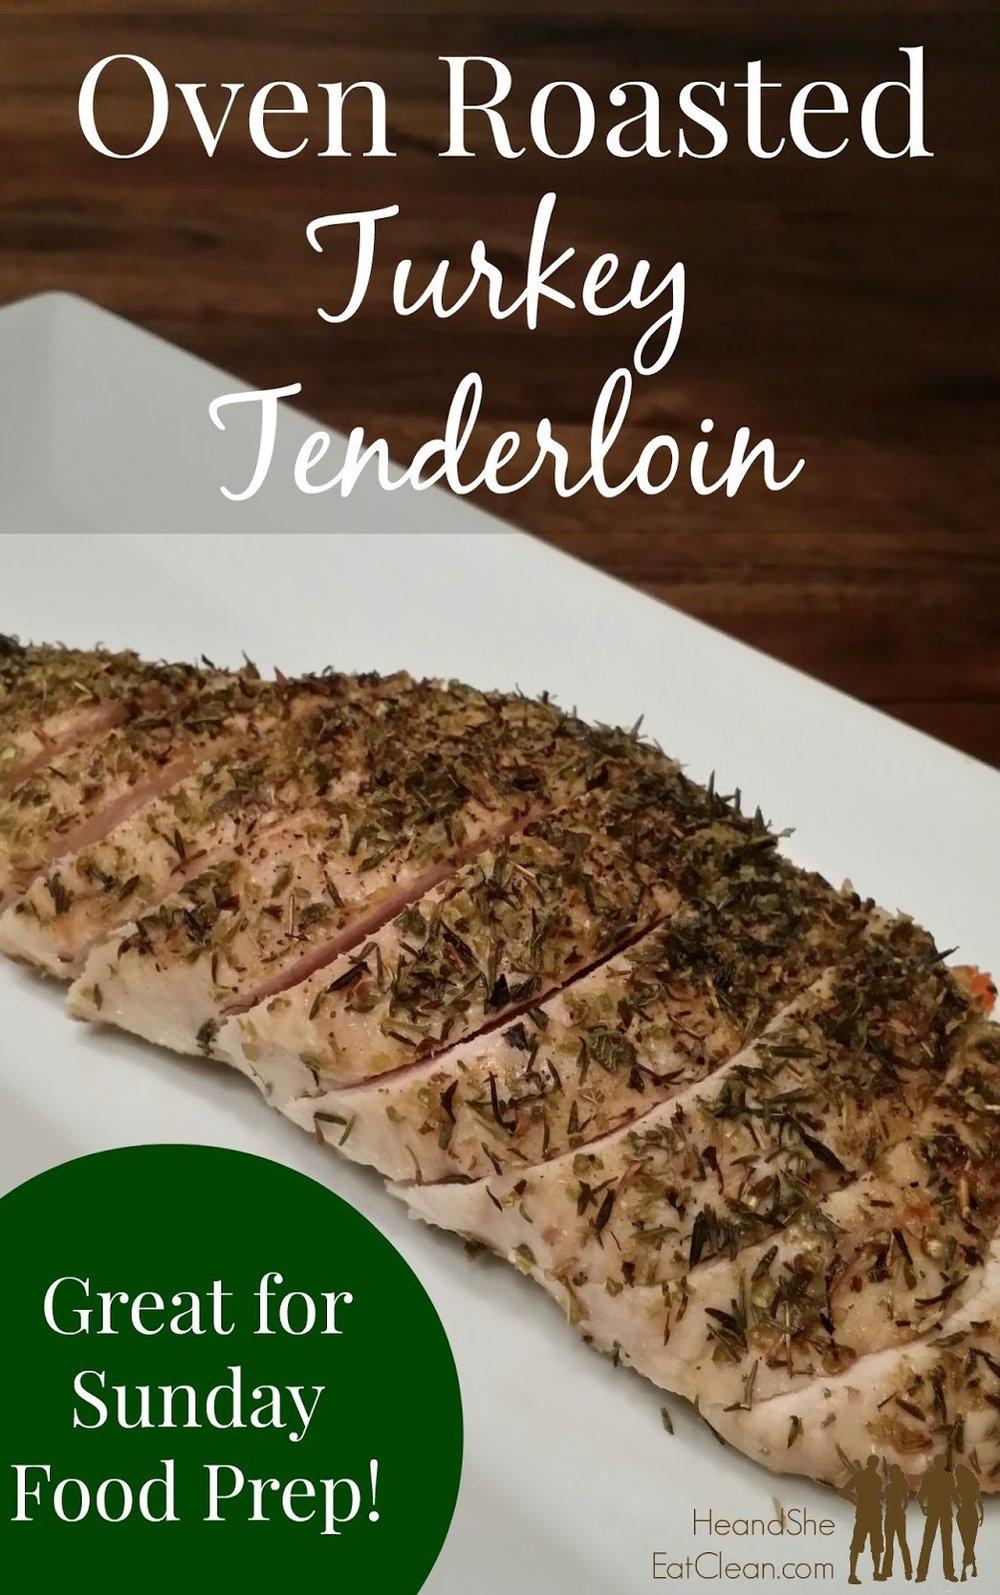 Oven Roasted Turkey Tenderloin